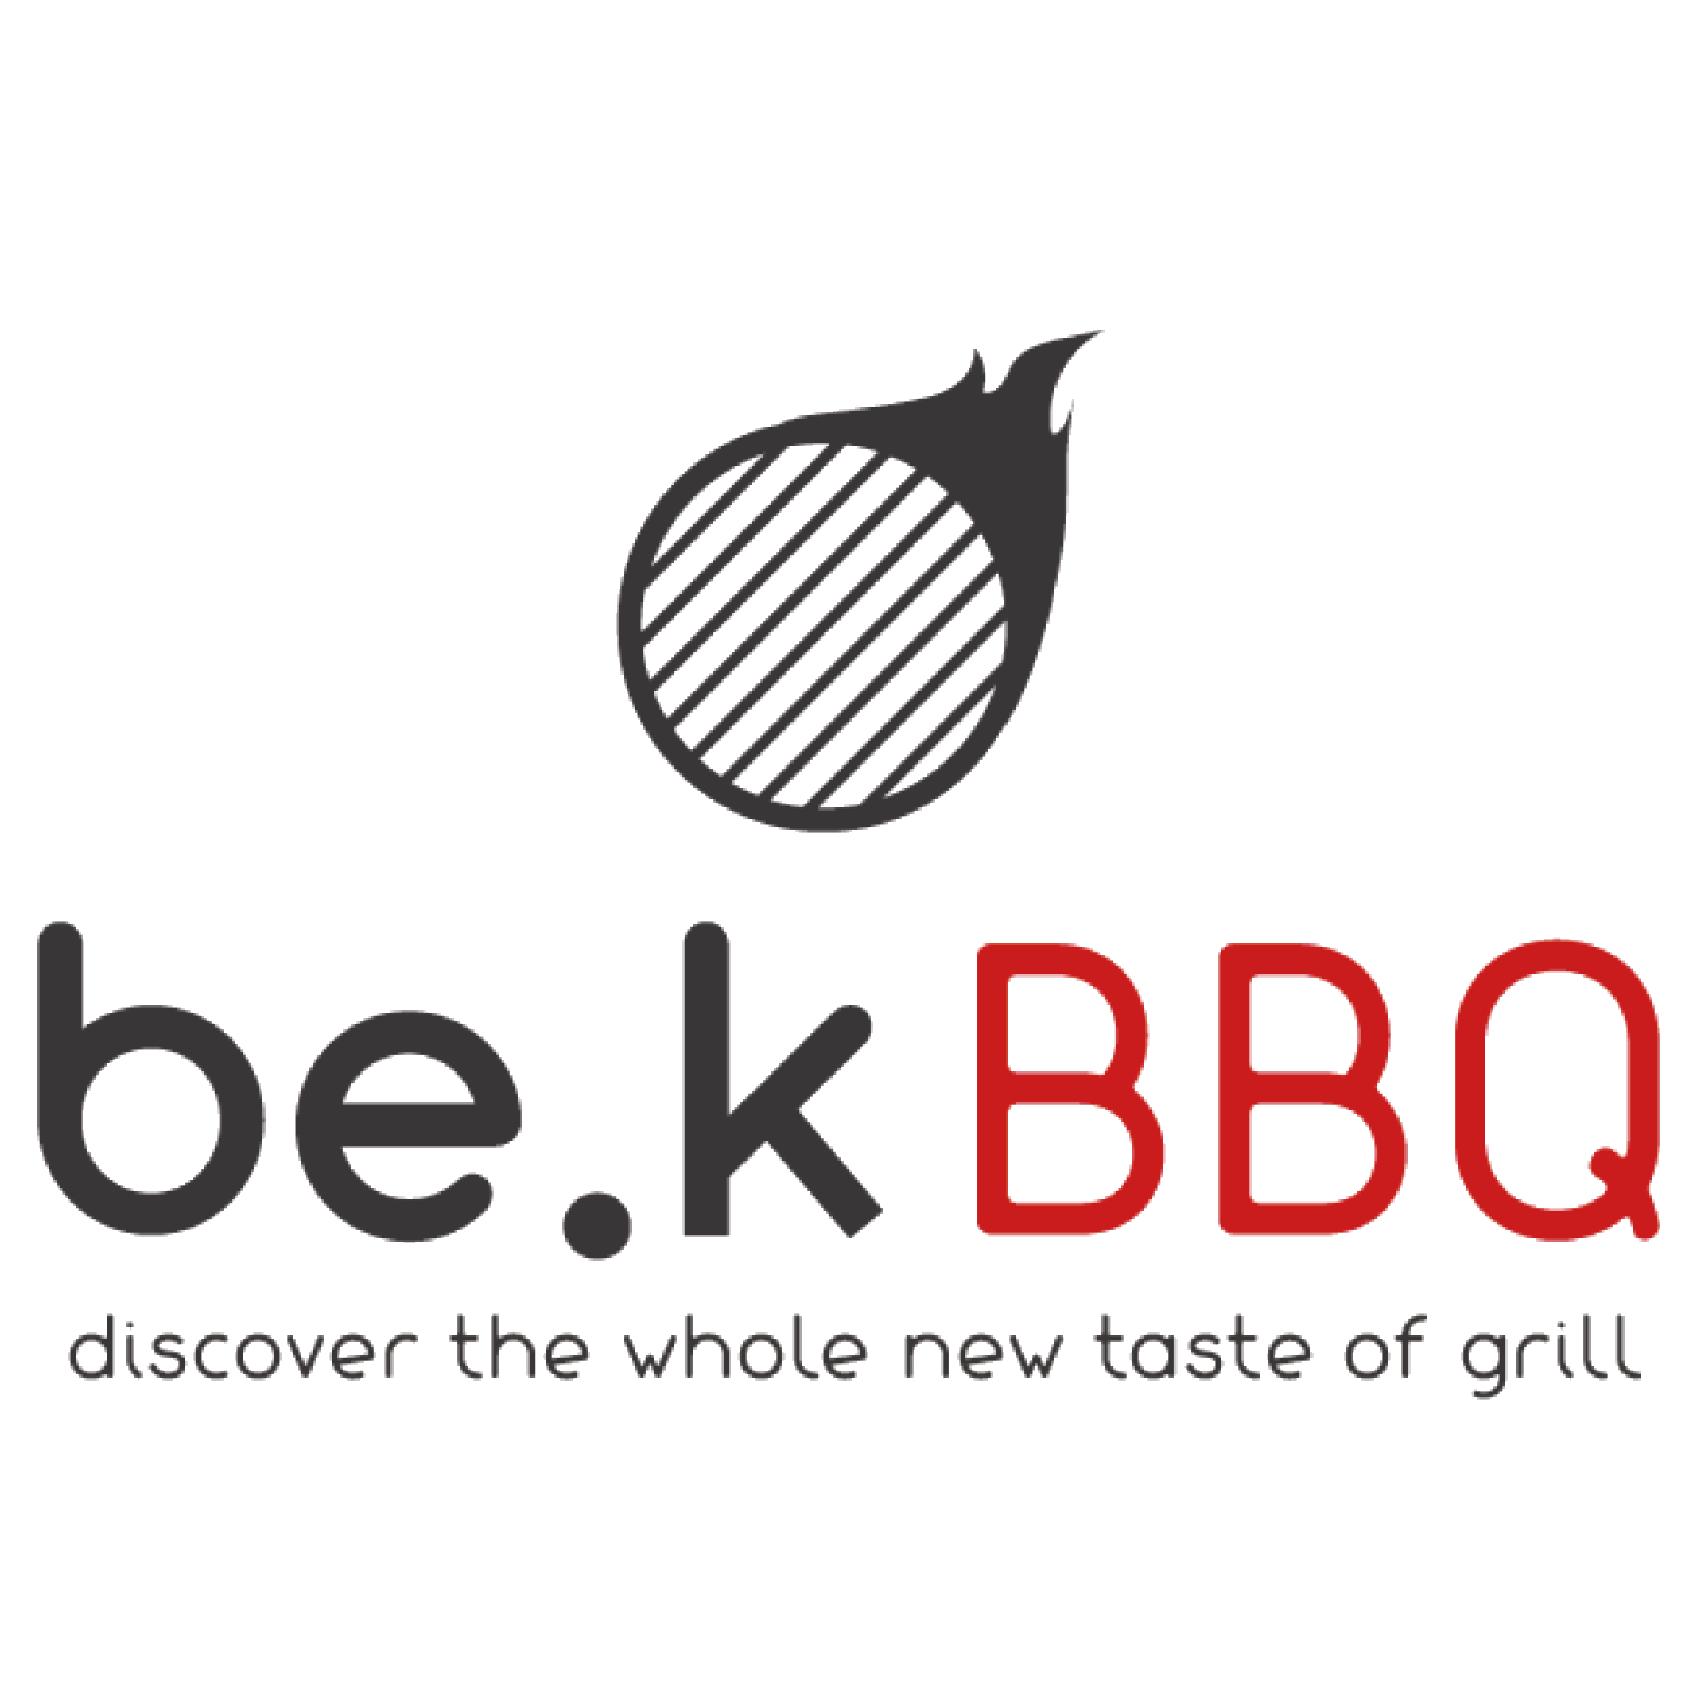 Korean BBQ Restaurant 먹방불고기